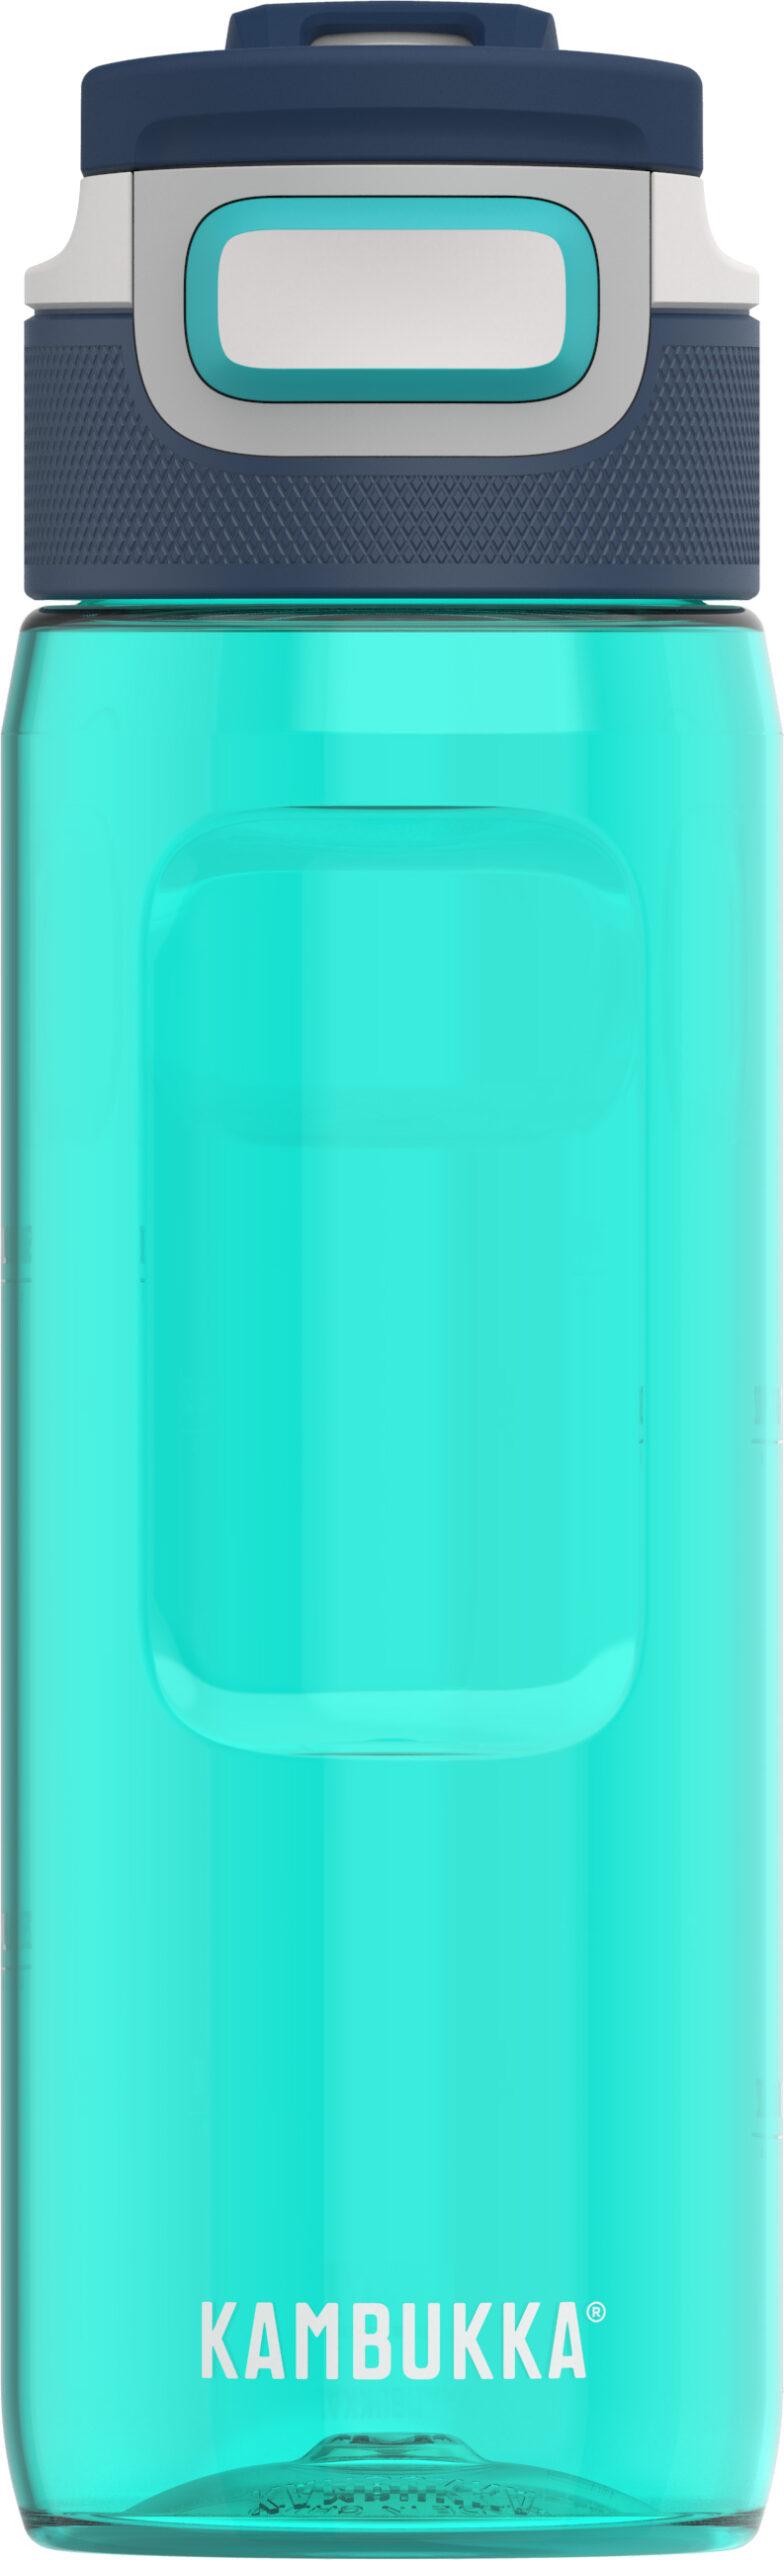 """בקבוק שתיה 750 מ""""ל Kambukka Elton Tiffany קמבוקה"""